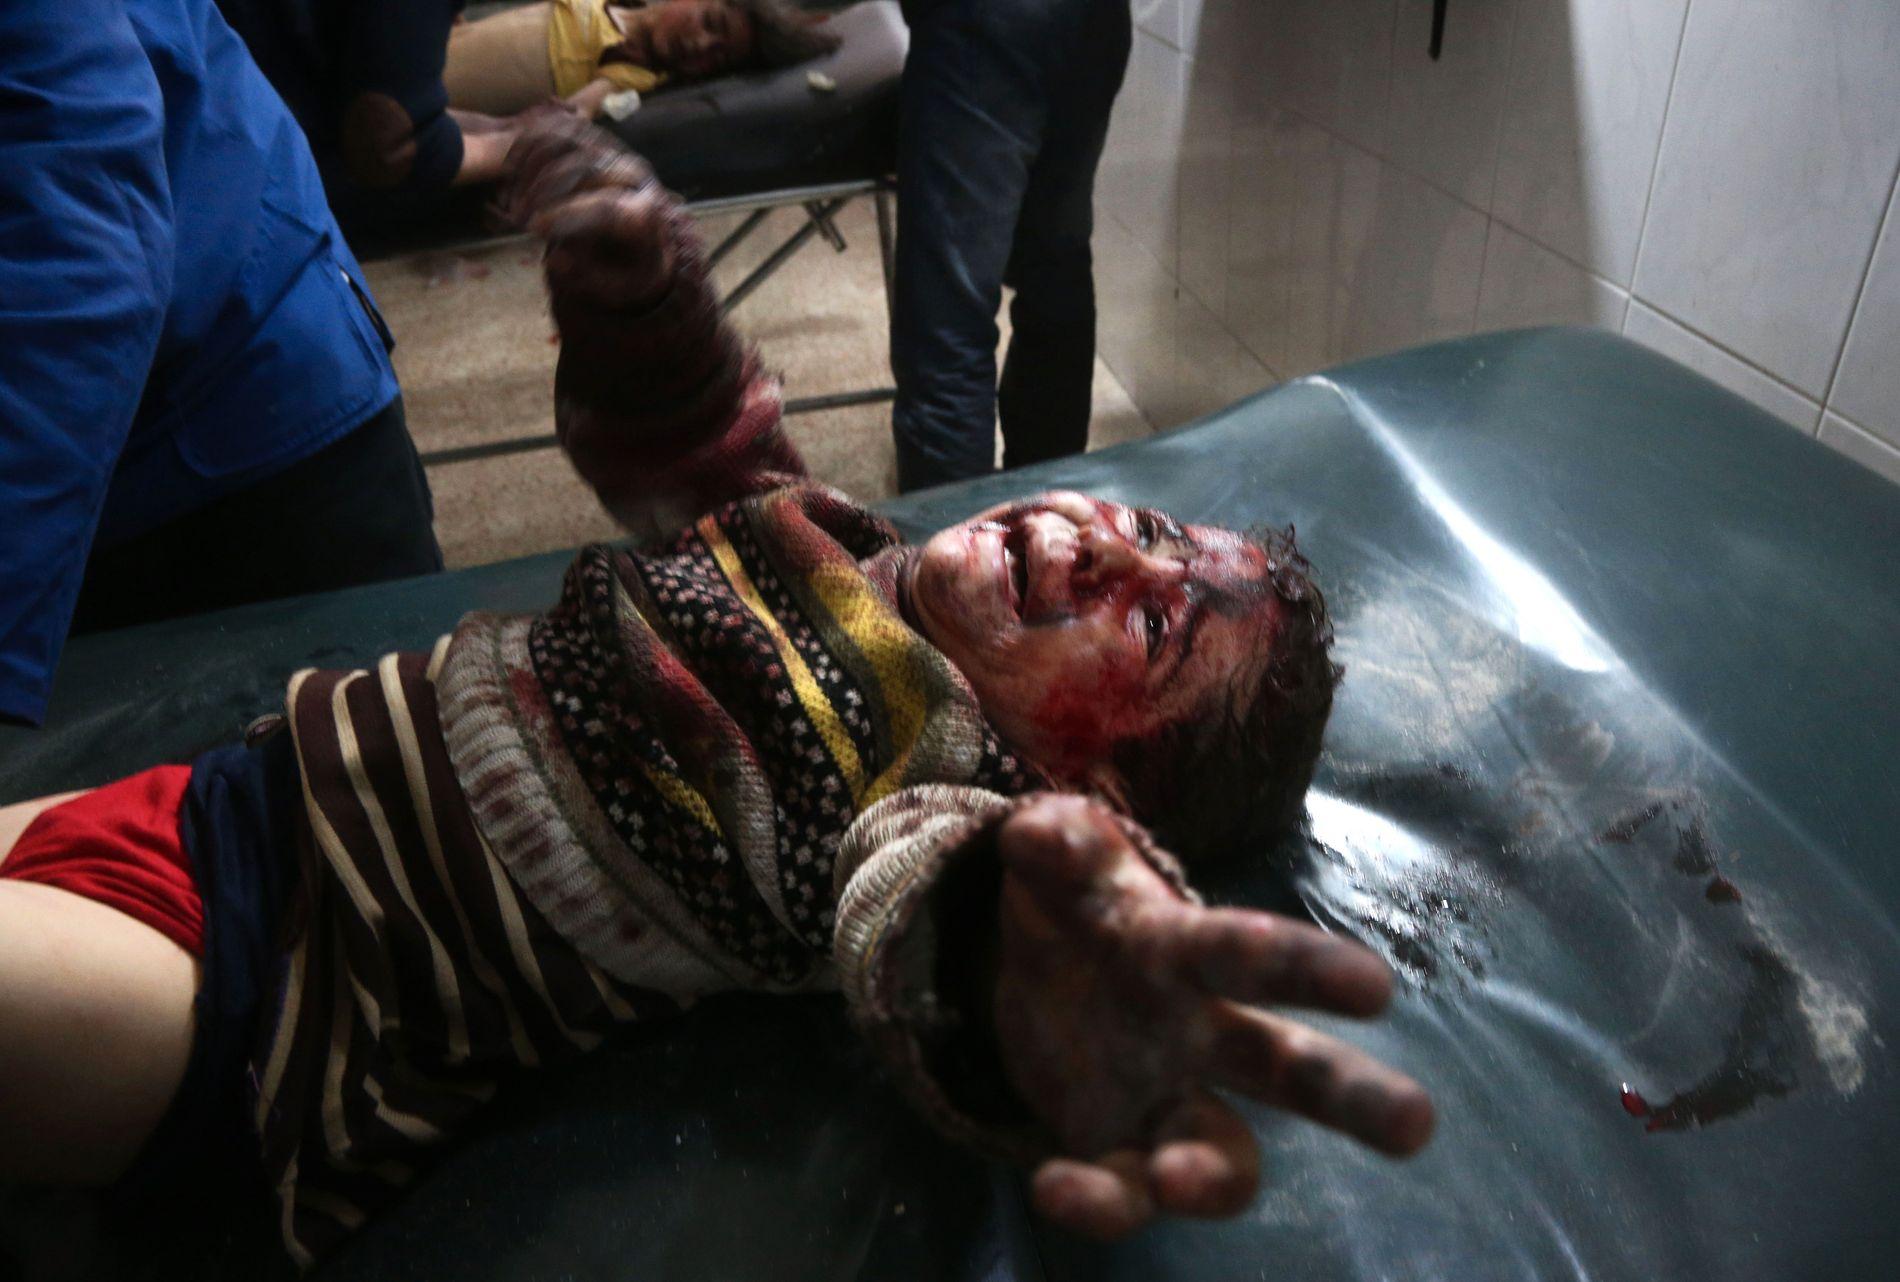 STORE SKADER: Over 1200 sivile er blitt såret i de siste dagenes fly- og artilleriangrep mot Øst-Ghouta. Gutten på bildet overlevde, får VG bekreftet.